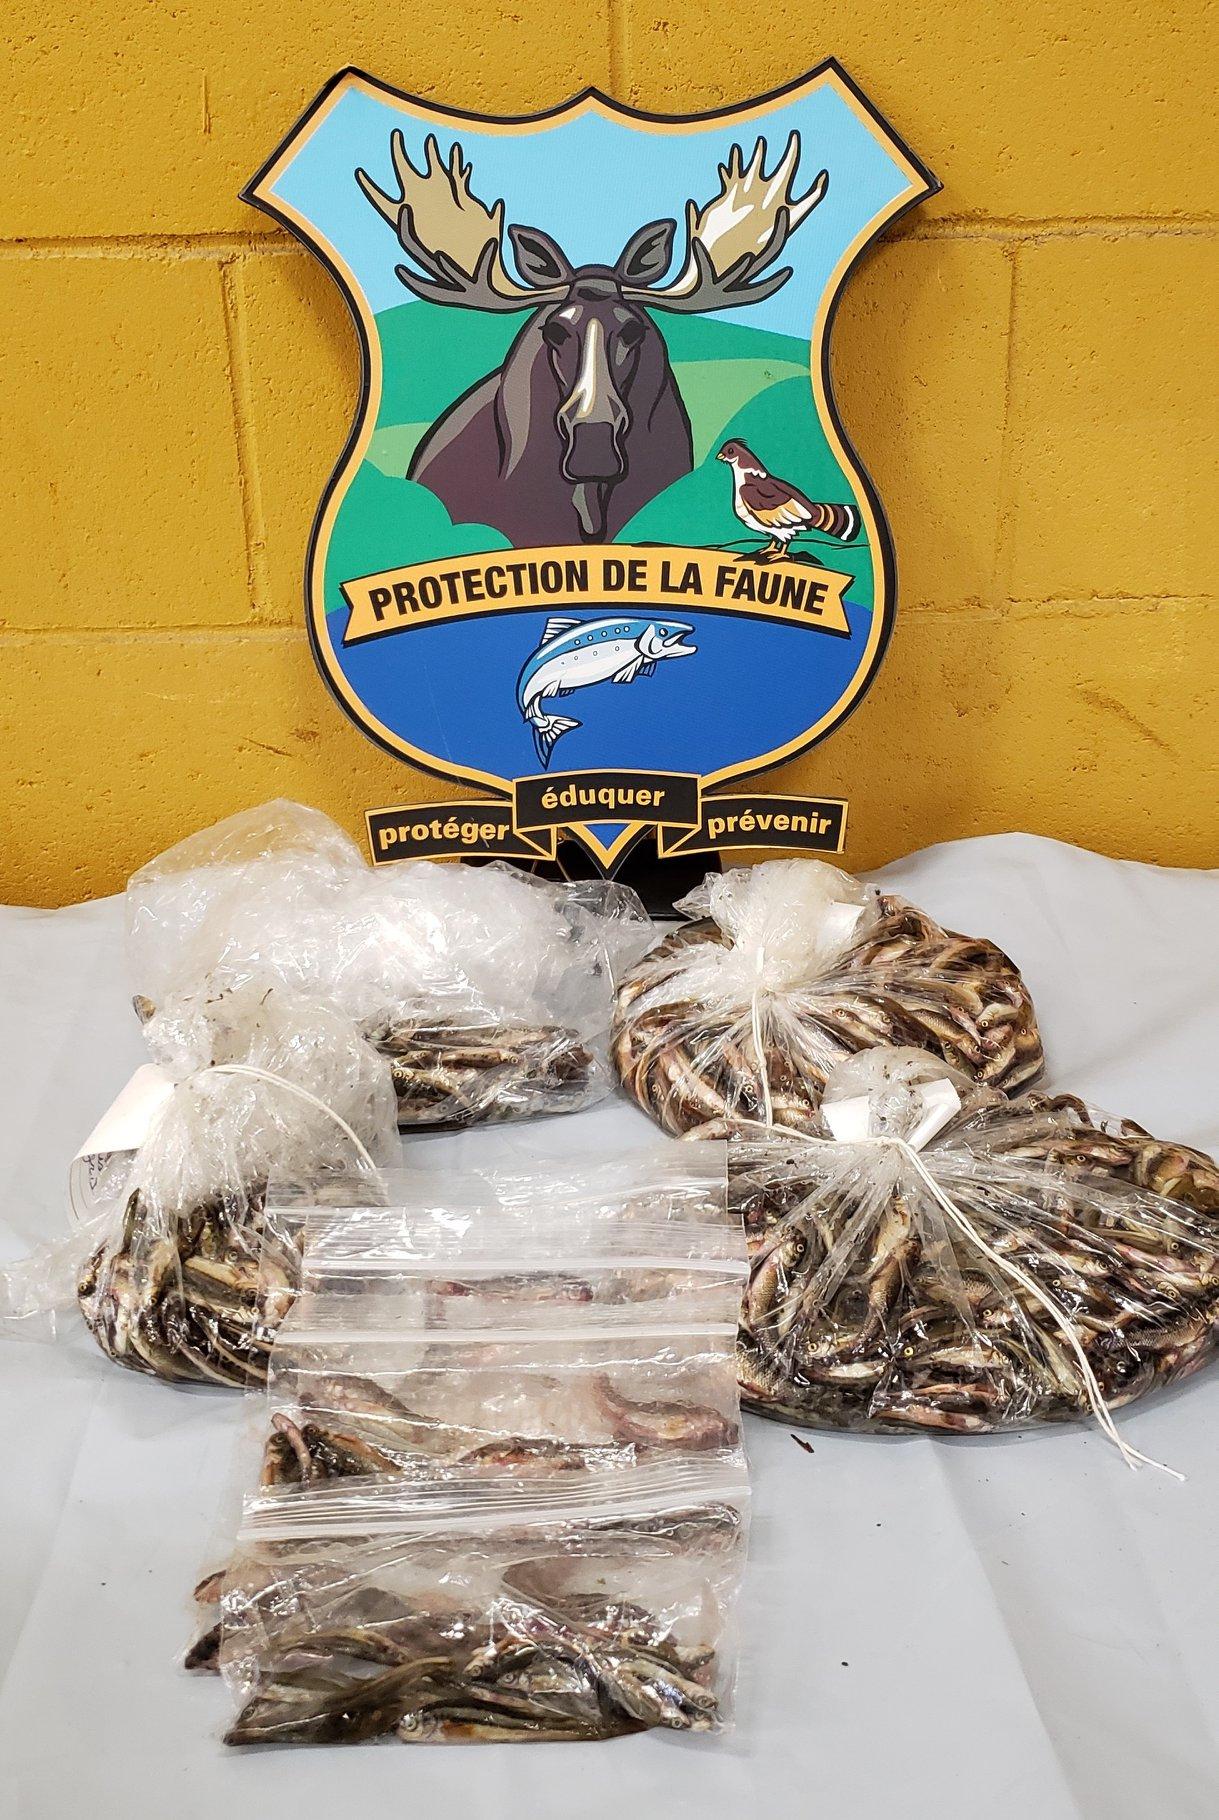 Une dizaine d'individus interceptés par des agents de la faune en Outaouais